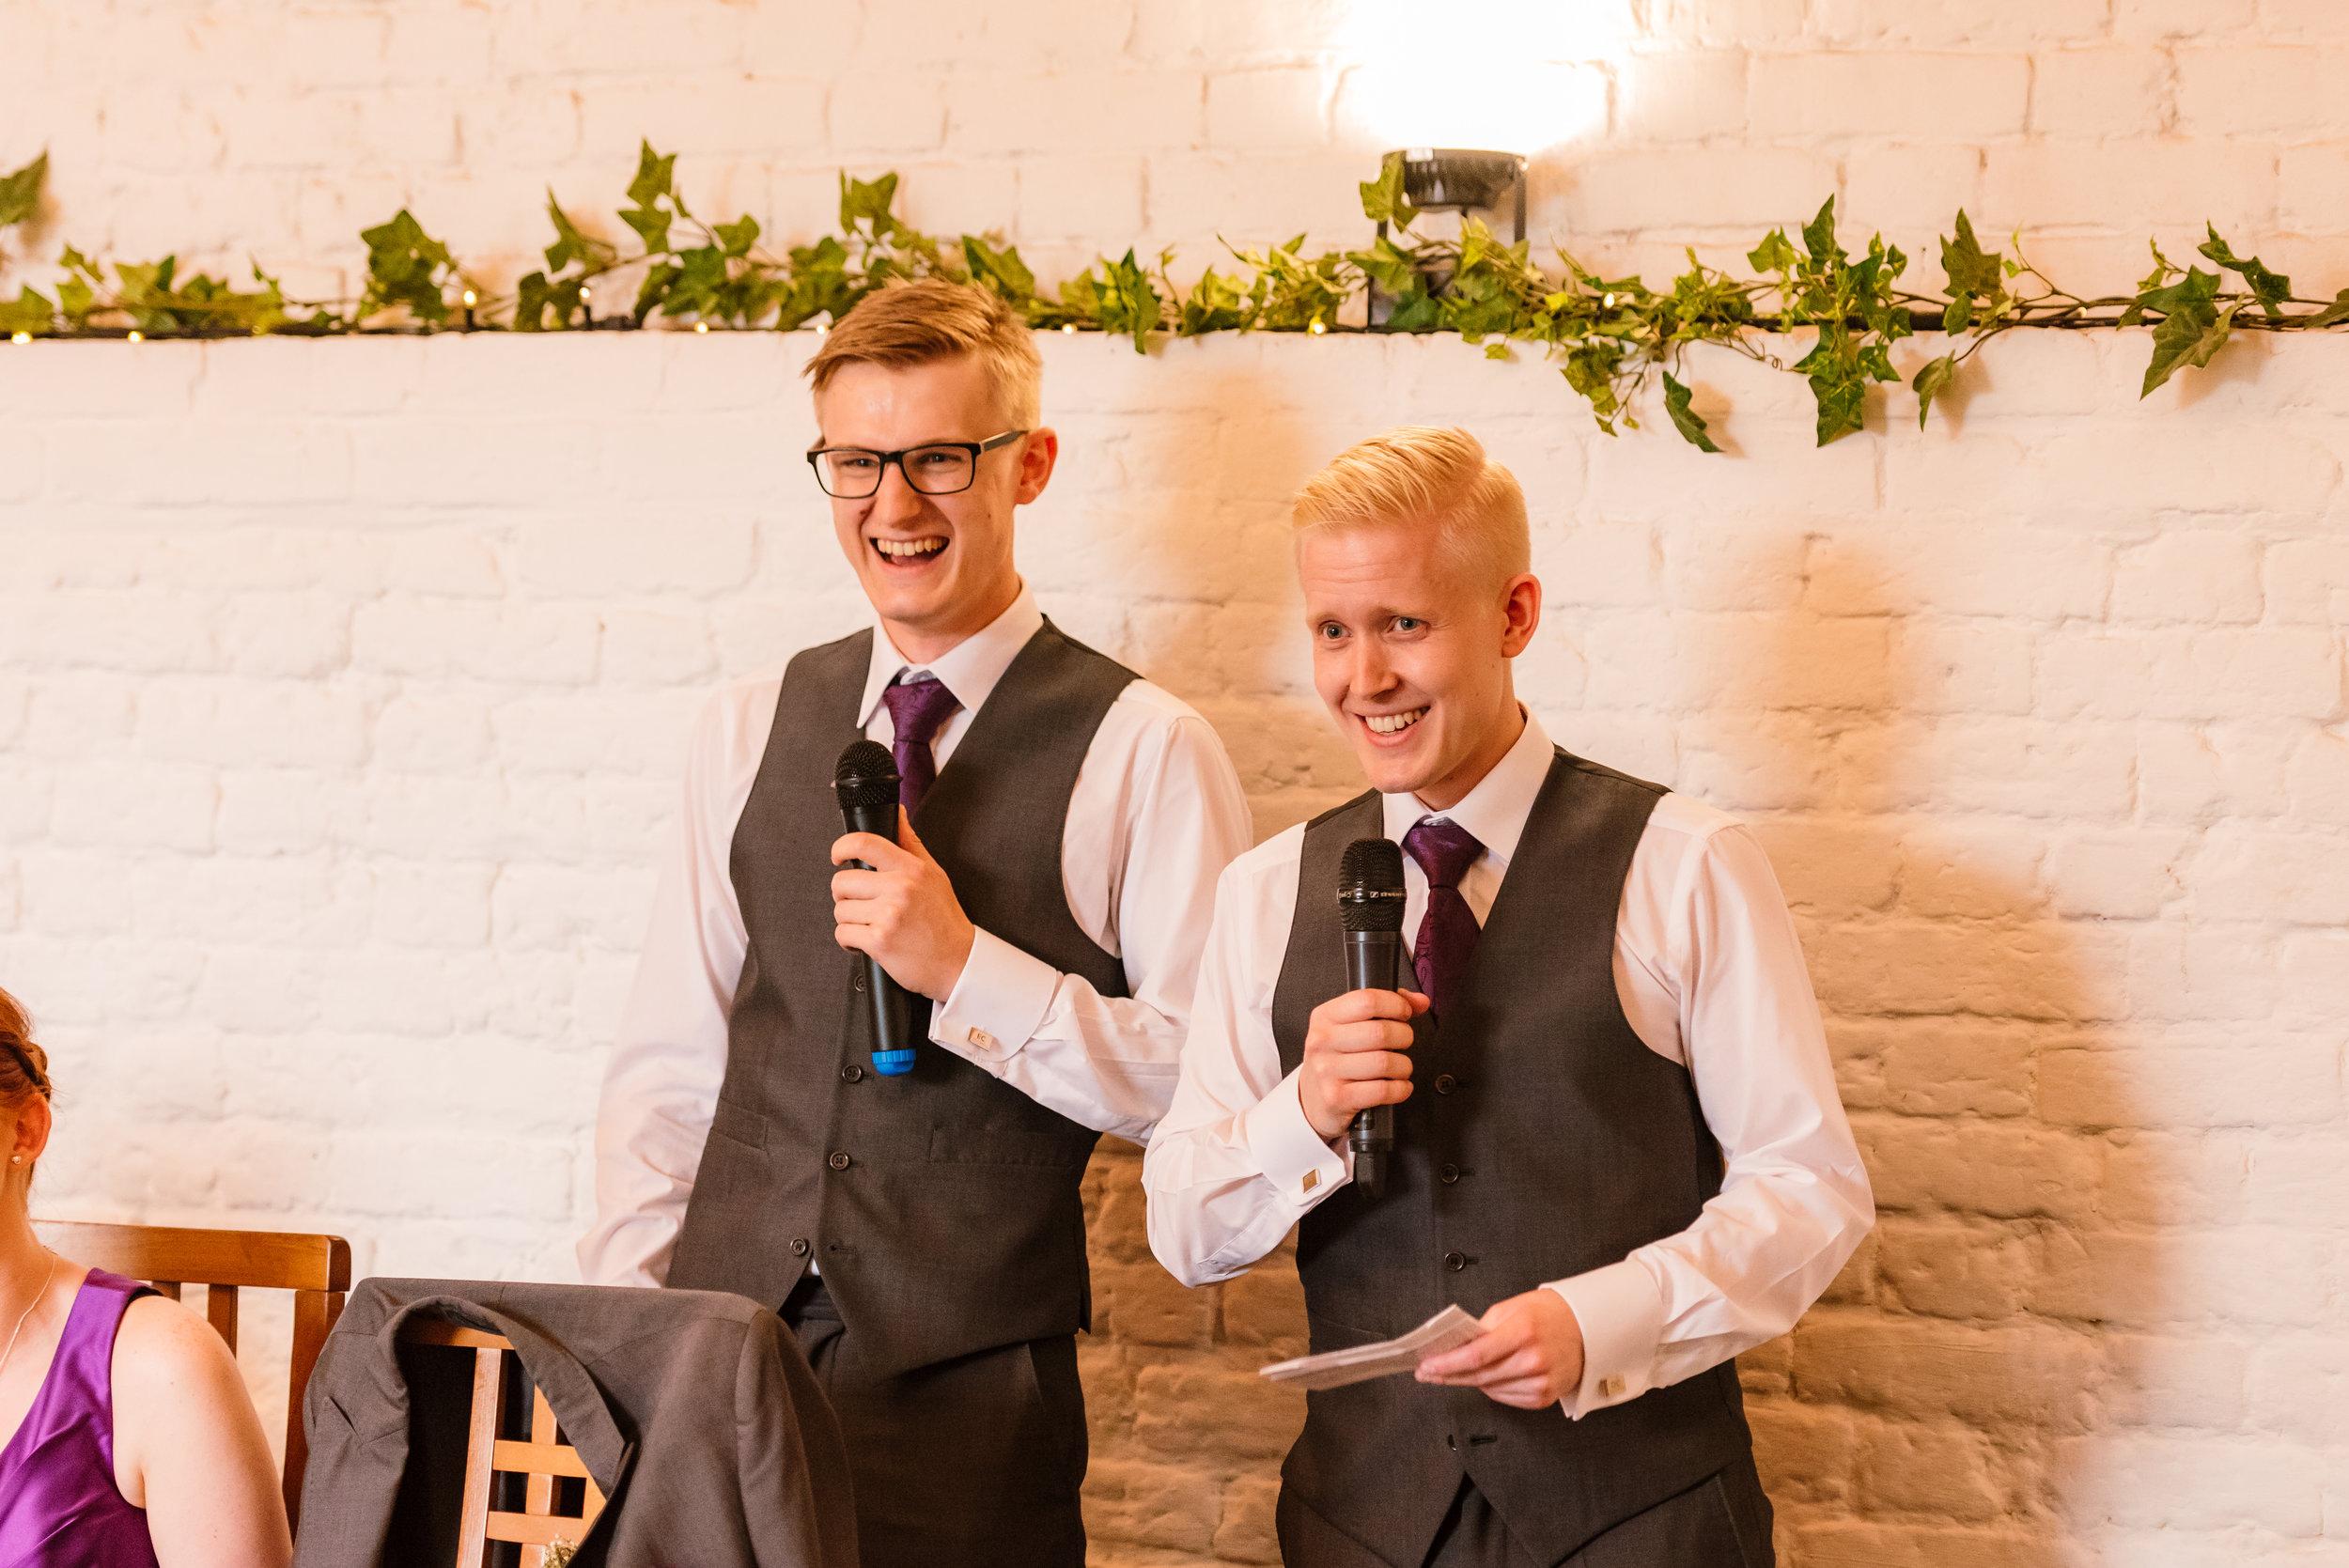 Hampshire Wedding Photographer Hampshire : Ufton-Court-Wedding : Barn-wedding-venue-hampshire : sarah-fishlock-photography : hampshire-barn-wedding-887.jpg